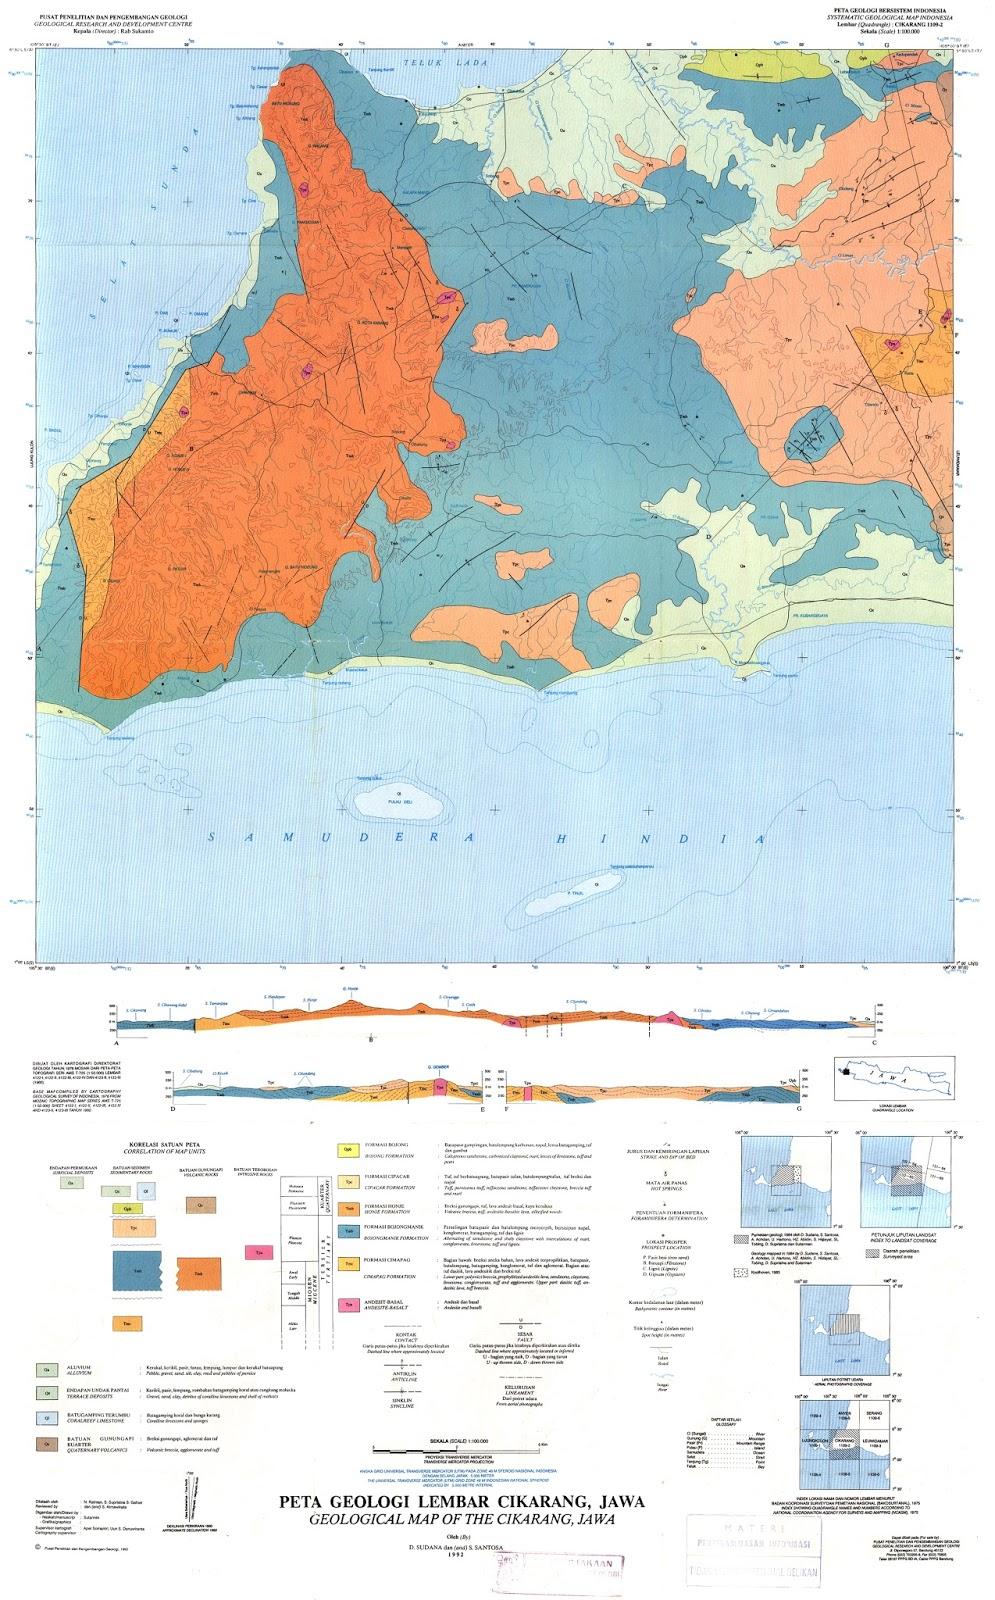 Contoh Cv Geologi - Contoh IK